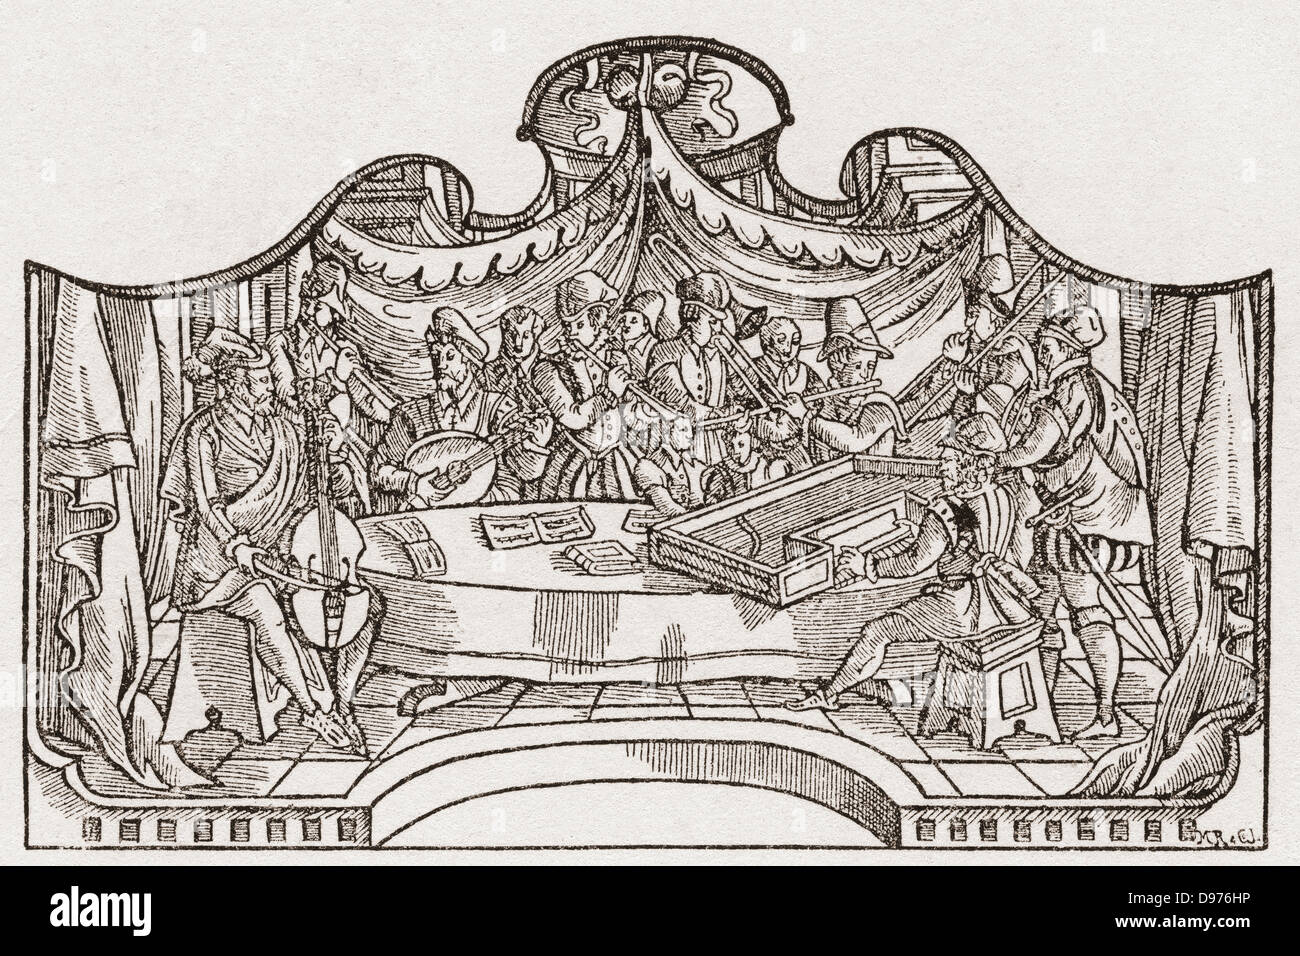 Un orchestra dal periodo Tudor in Inghilterra. Da una stampa contemporanea. Immagini Stock